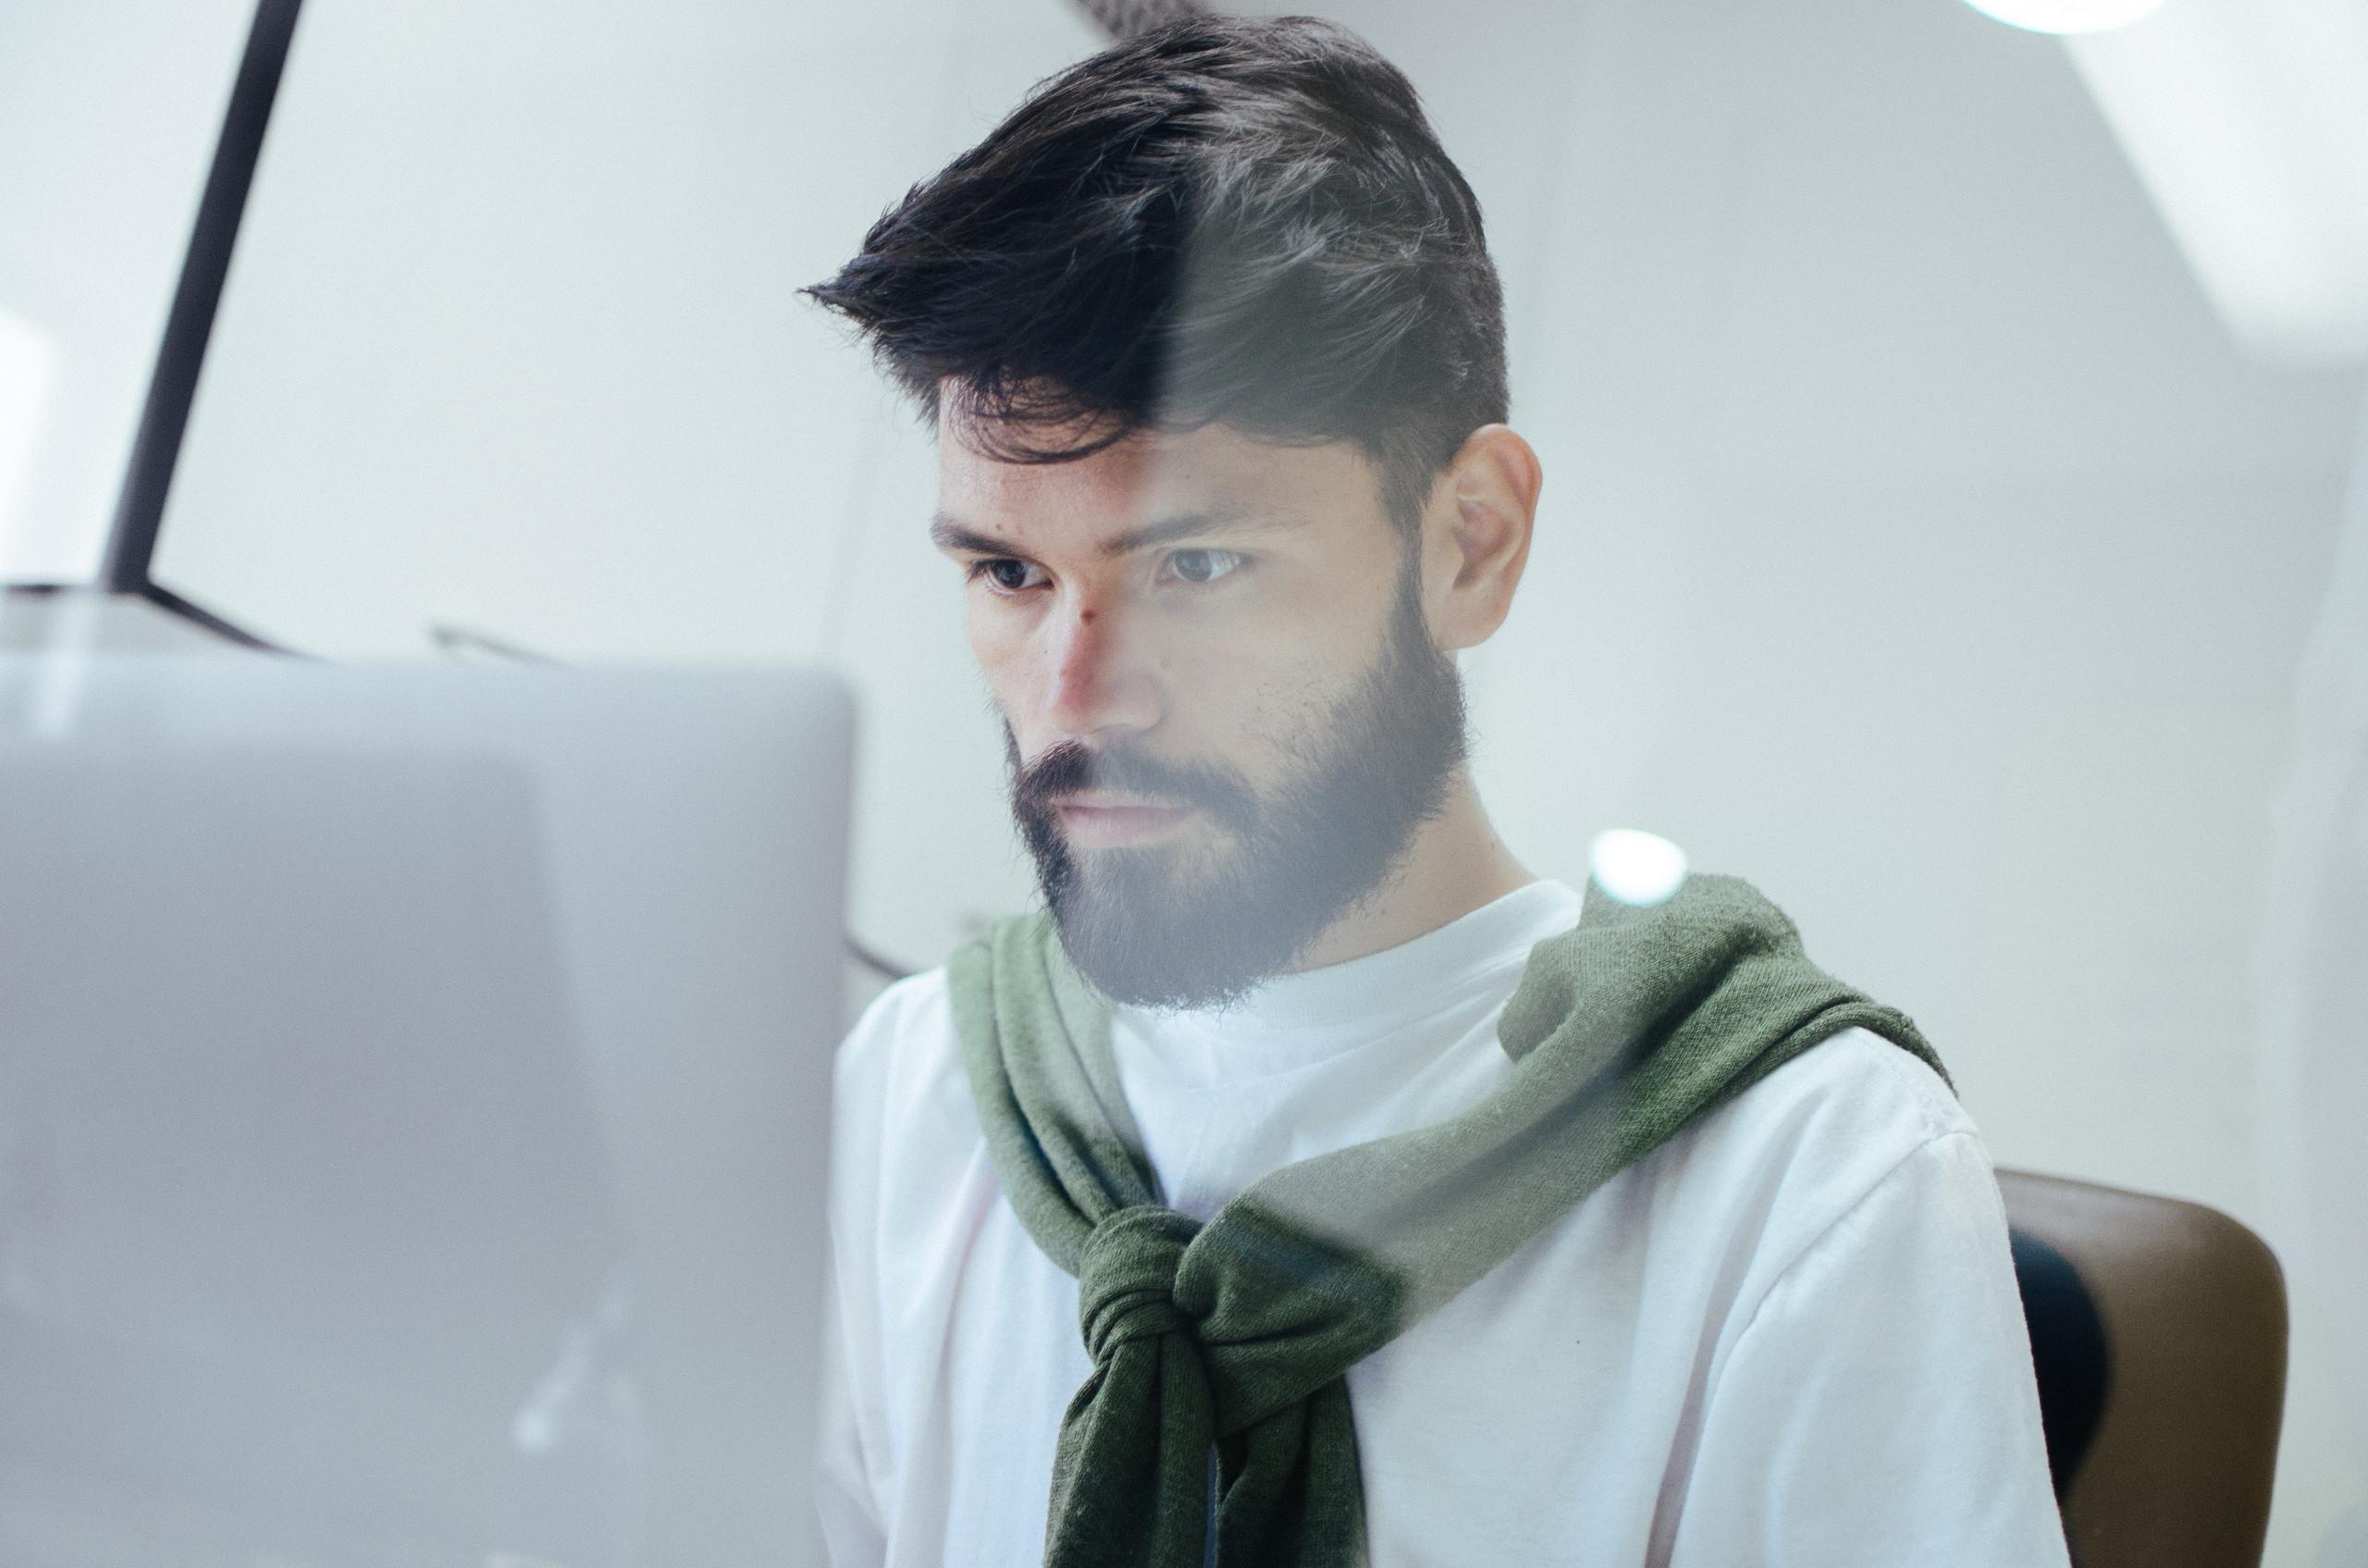 Hombre joven con barba sentado frente a un computador